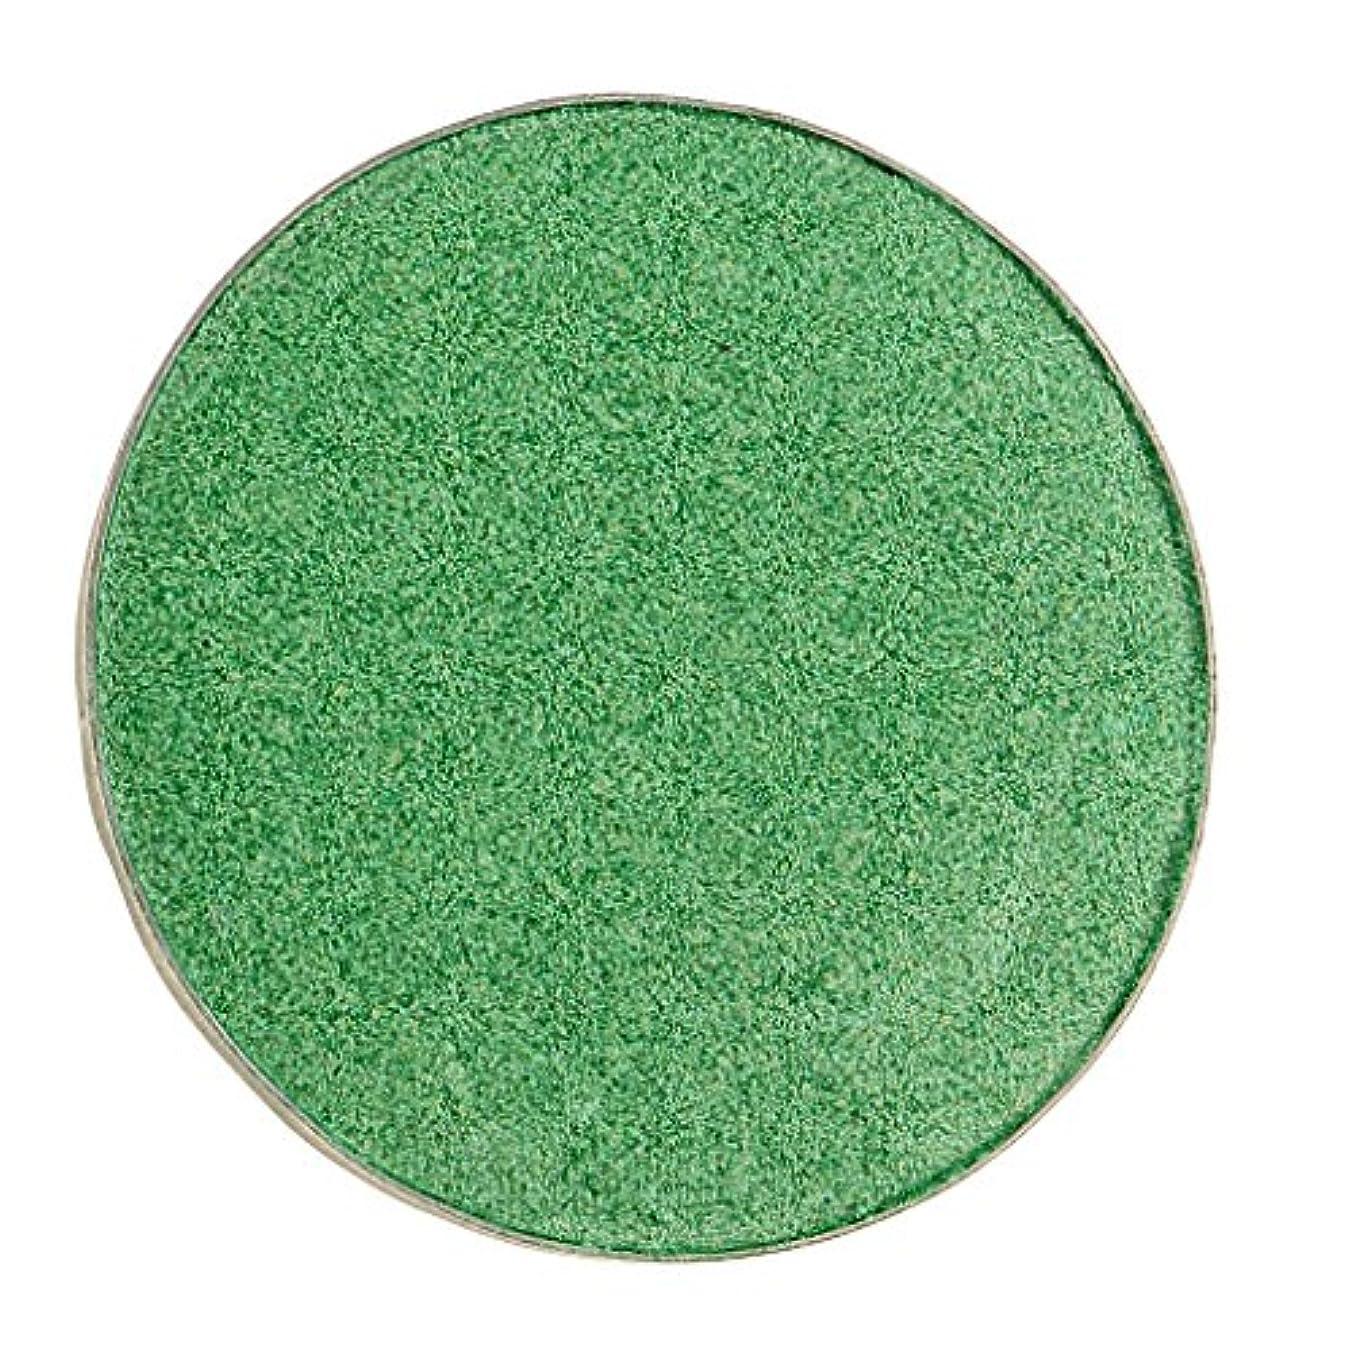 豆レース毎週化粧品用 アイシャドウ ハイライター パレット マット シマー アイシャドーメイク 目 魅力的 全5色 - #38グリーン